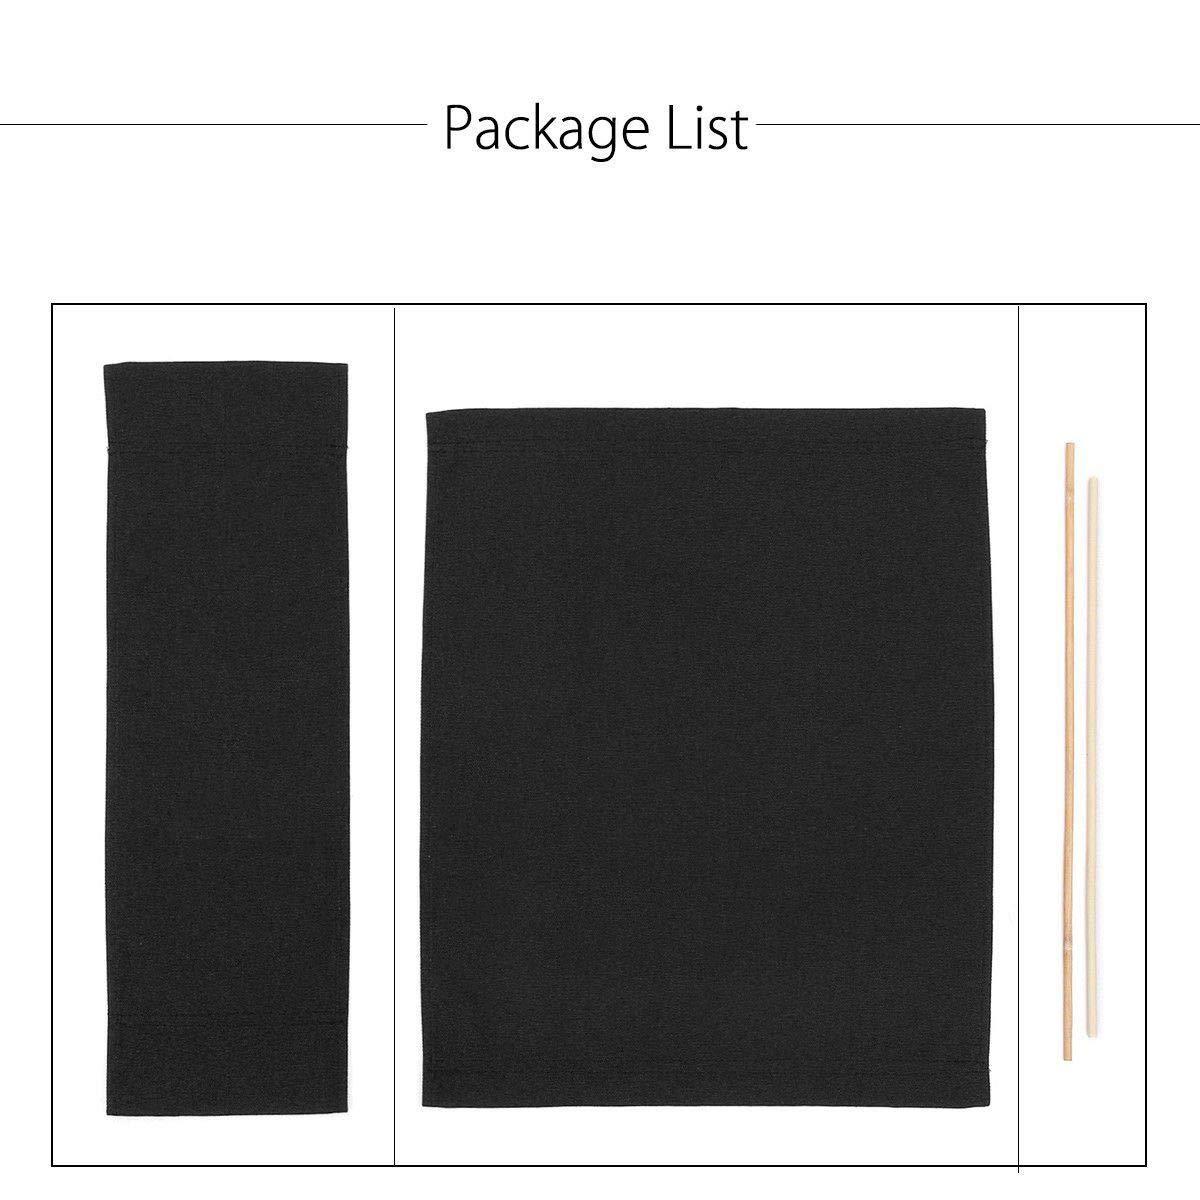 HITECHLIFE Kit Informal de Silla de Director para Cambiar Cojines de Lona y Fundas de Asientos para Tela Oxford